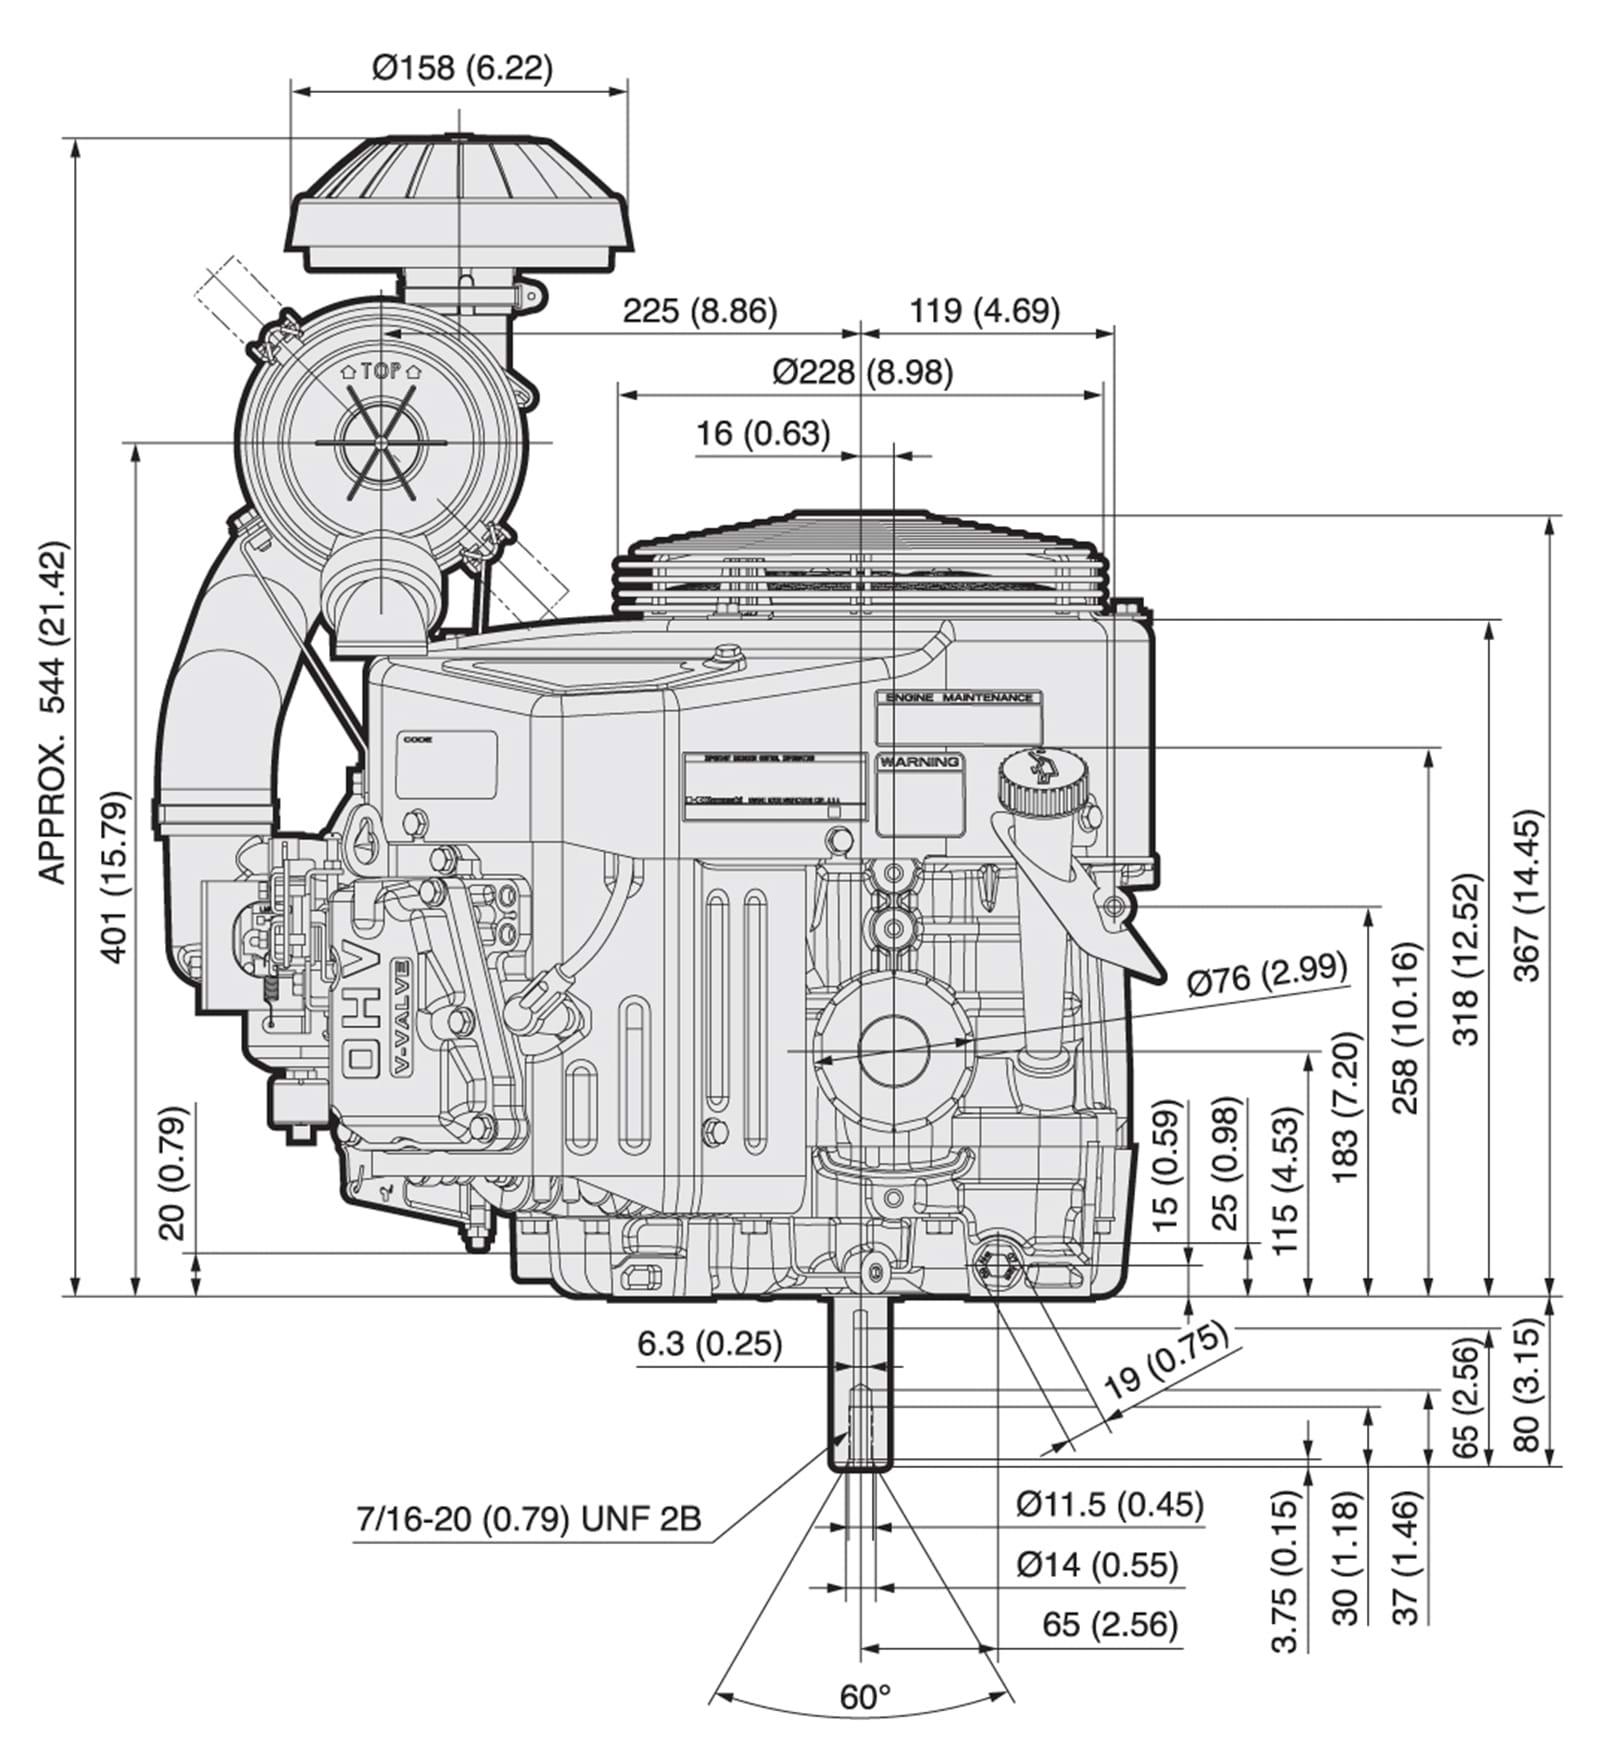 KAWASAKI FX751V FX801V FX850V 4 STROKE AIR COOLED V TWIN GAS ... on